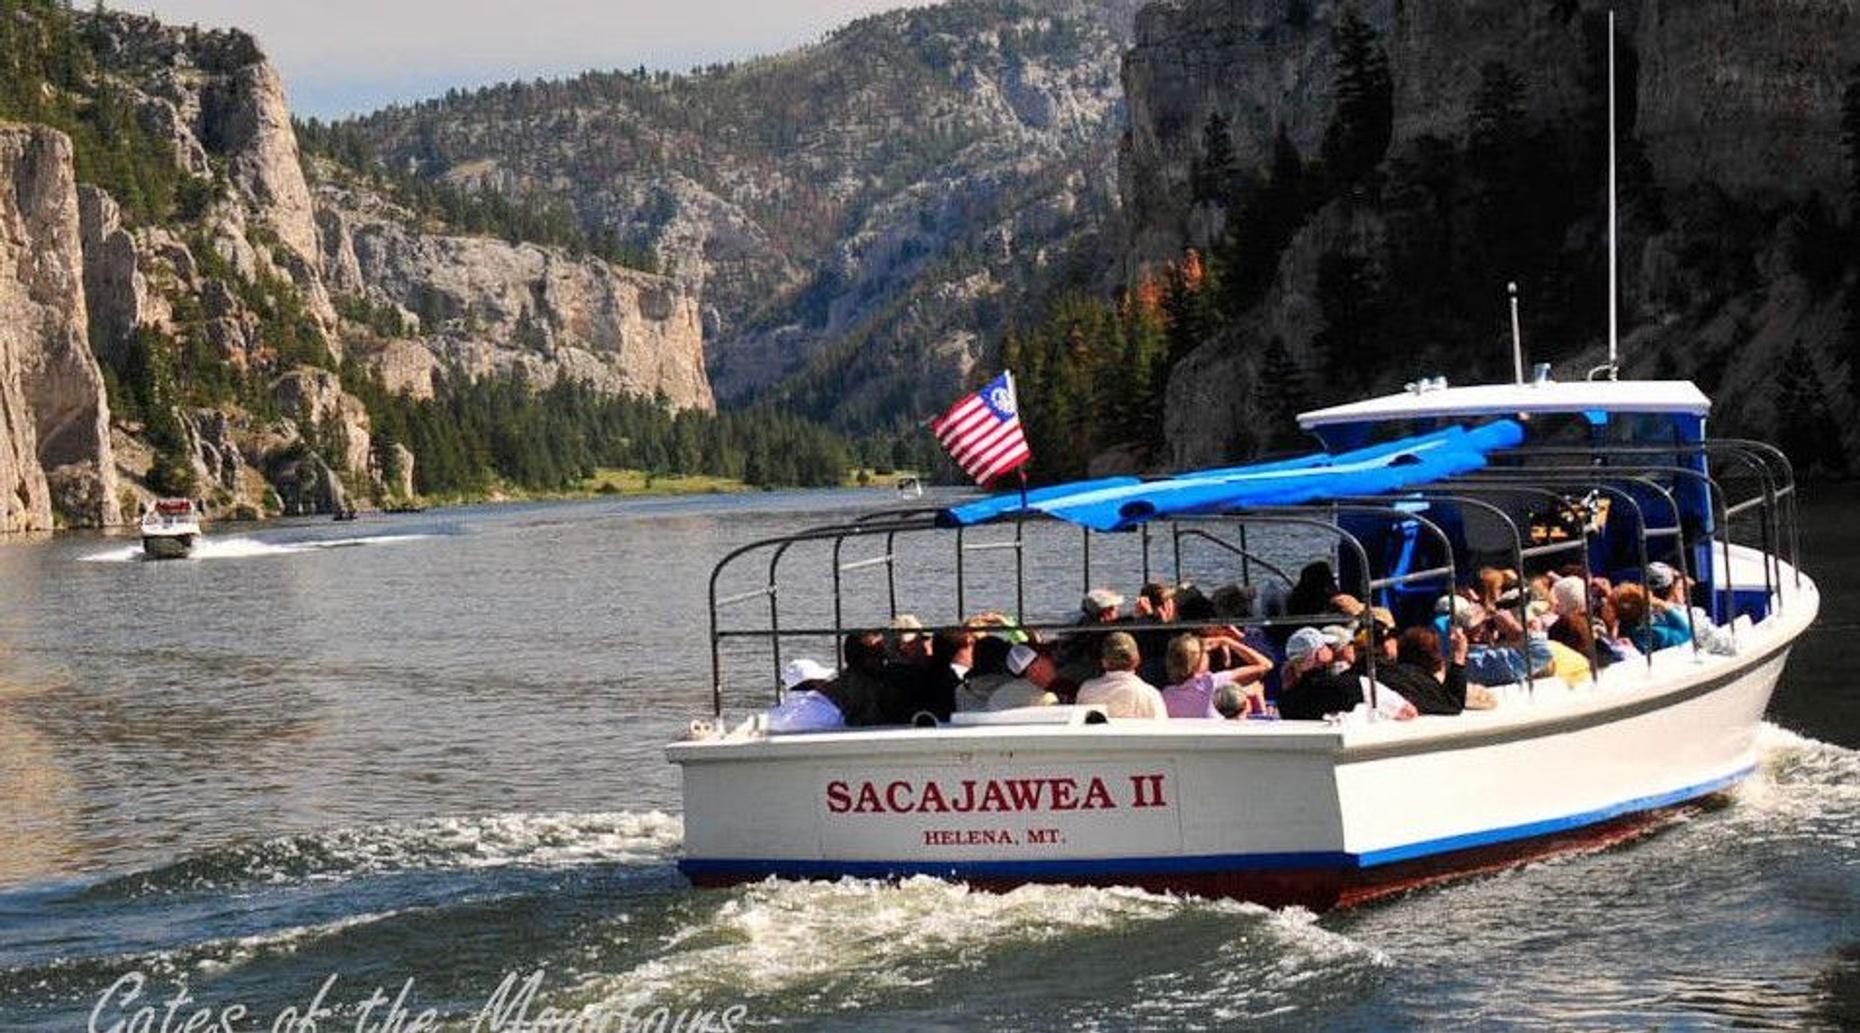 Gates of the Mountain Boat Tour